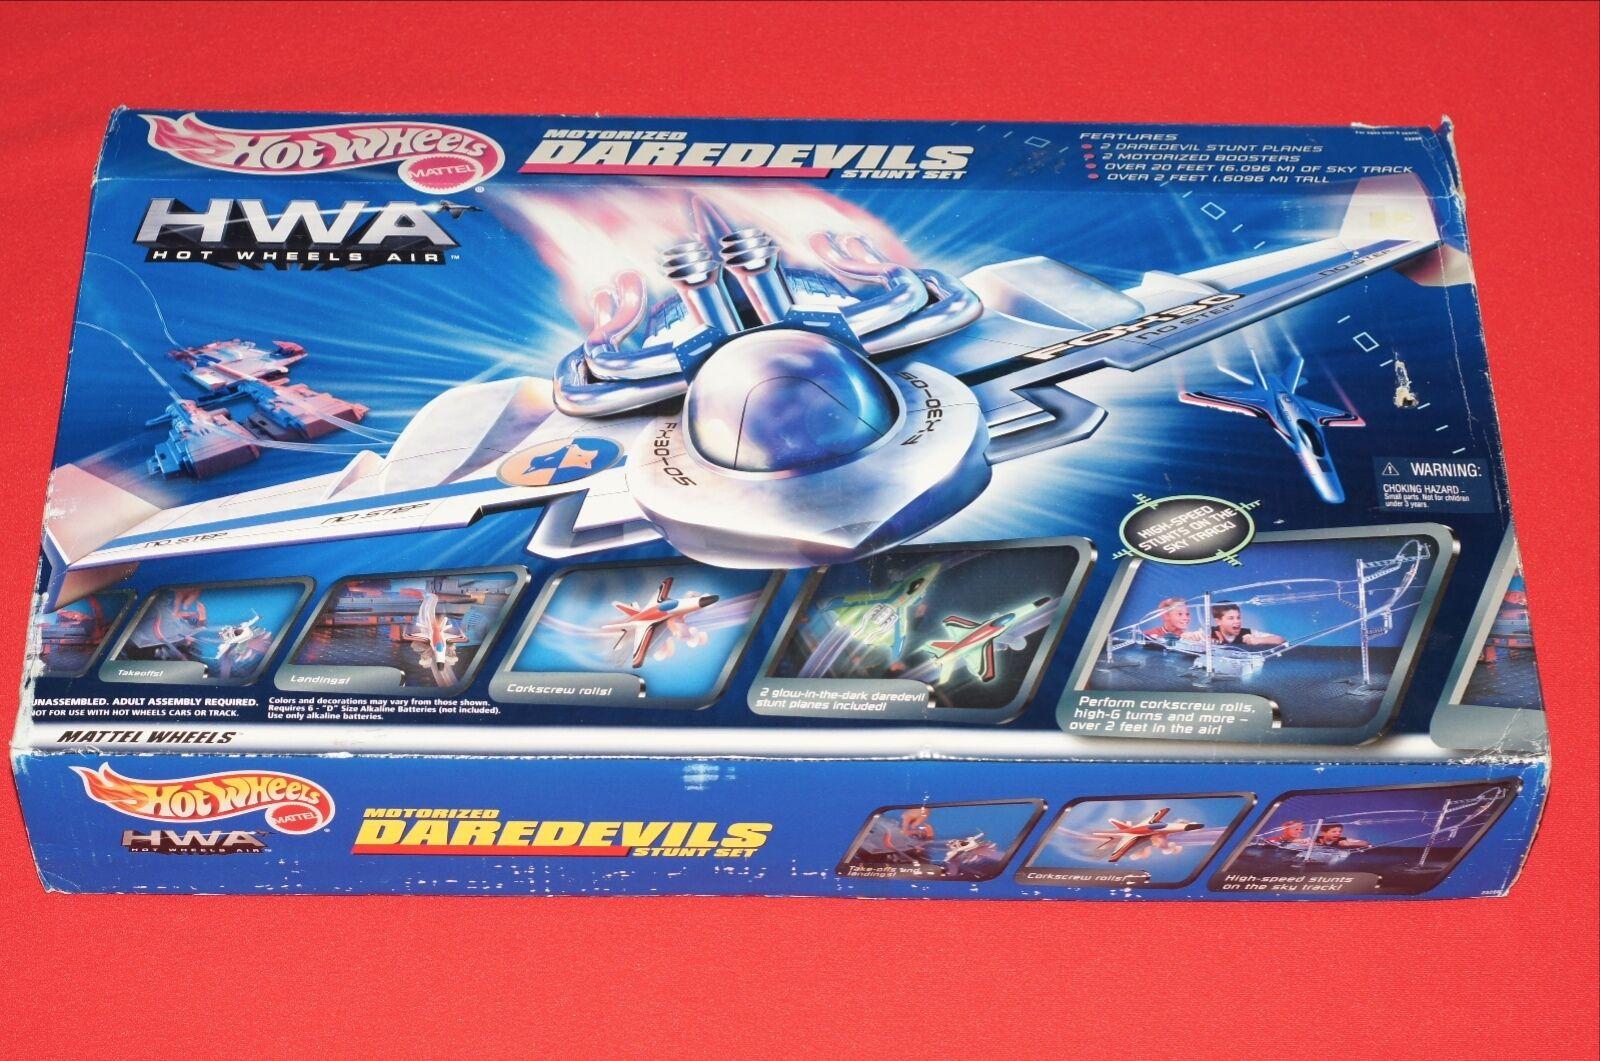 1999 Hot Wheels de Mattel aire motorizada Darossoevils Stunt avión Conjunto Nuevo Sellado